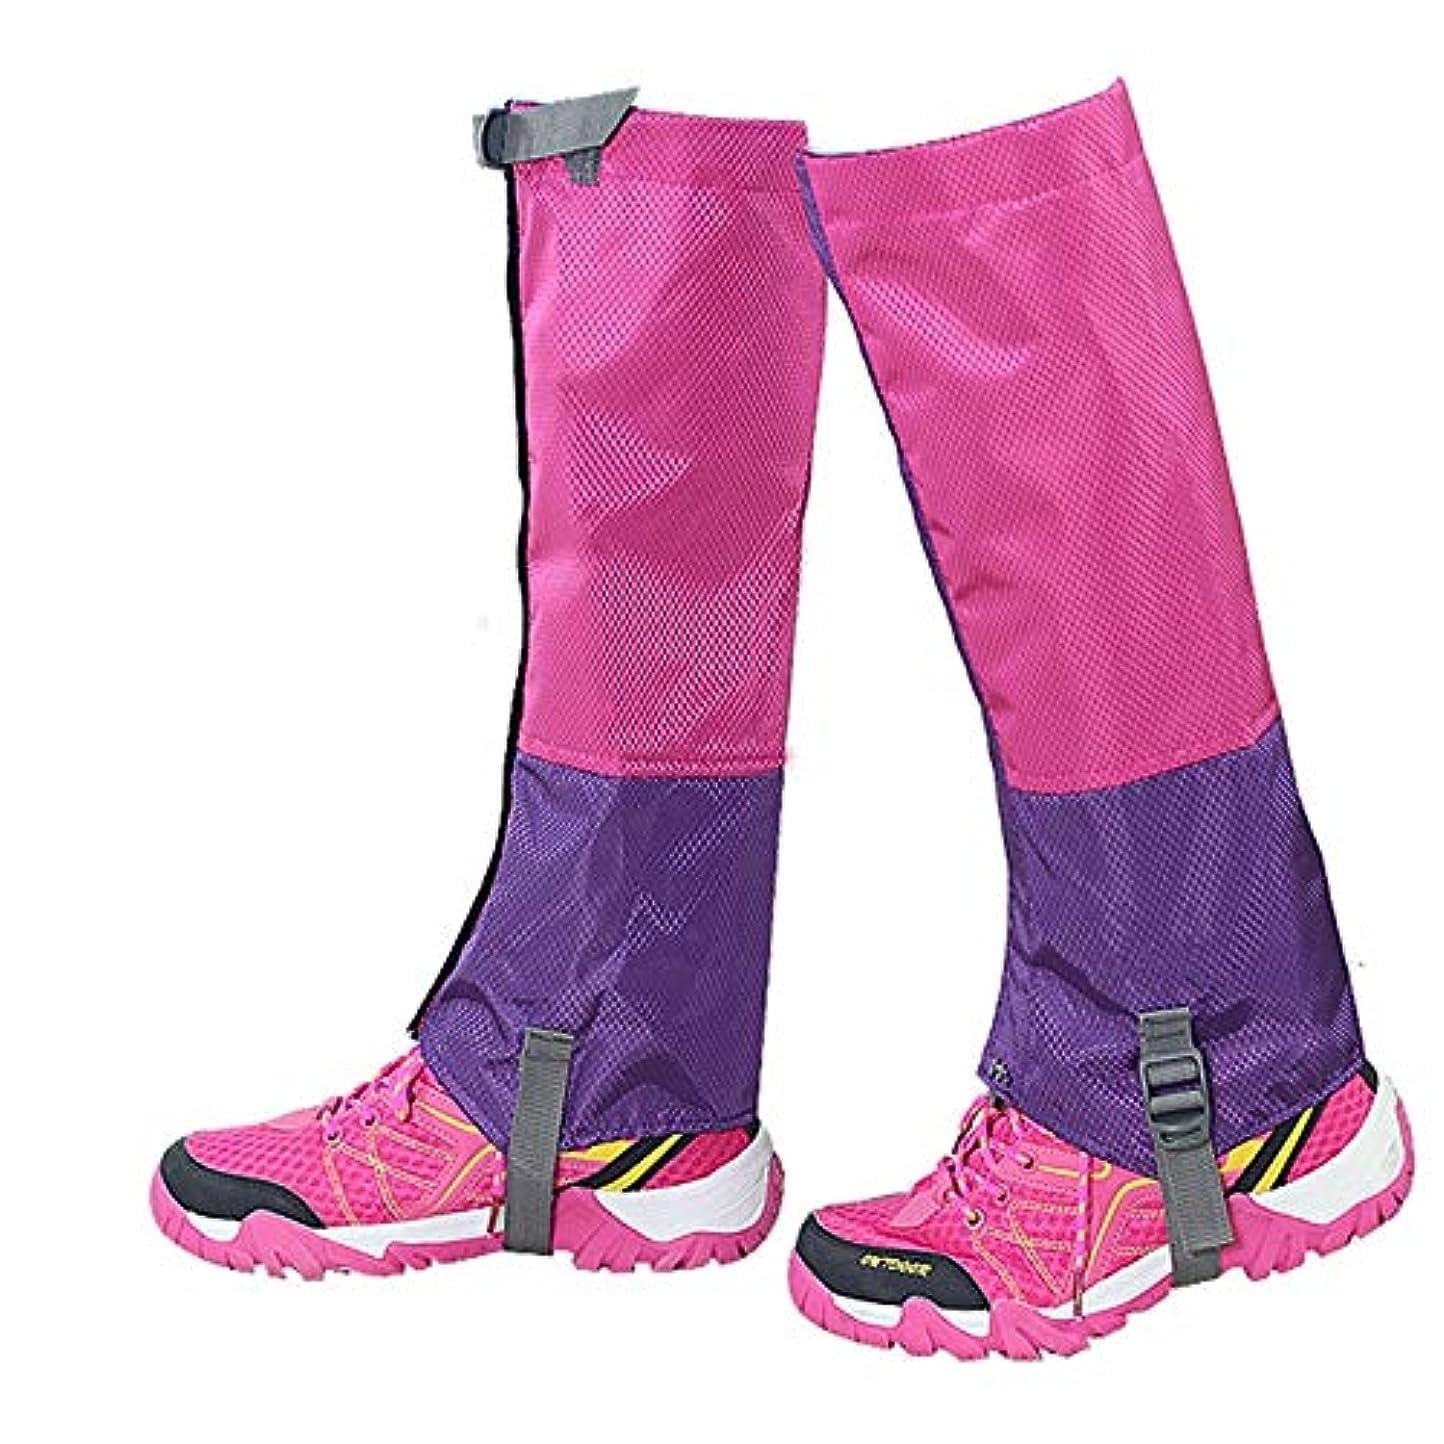 装置クール再び防水オーバーシューズ レインシューズカバー足のガーター防水ハイキングゲーター耐久性の高いレギンス通気性の高いレッグカバーラップ用男性女性子供用マウンテントレッキングスキーウォーキング登山狩猟 - 1ペアの靴カバー雨雪 (色 : Rose+purple, サイズ : Medium)